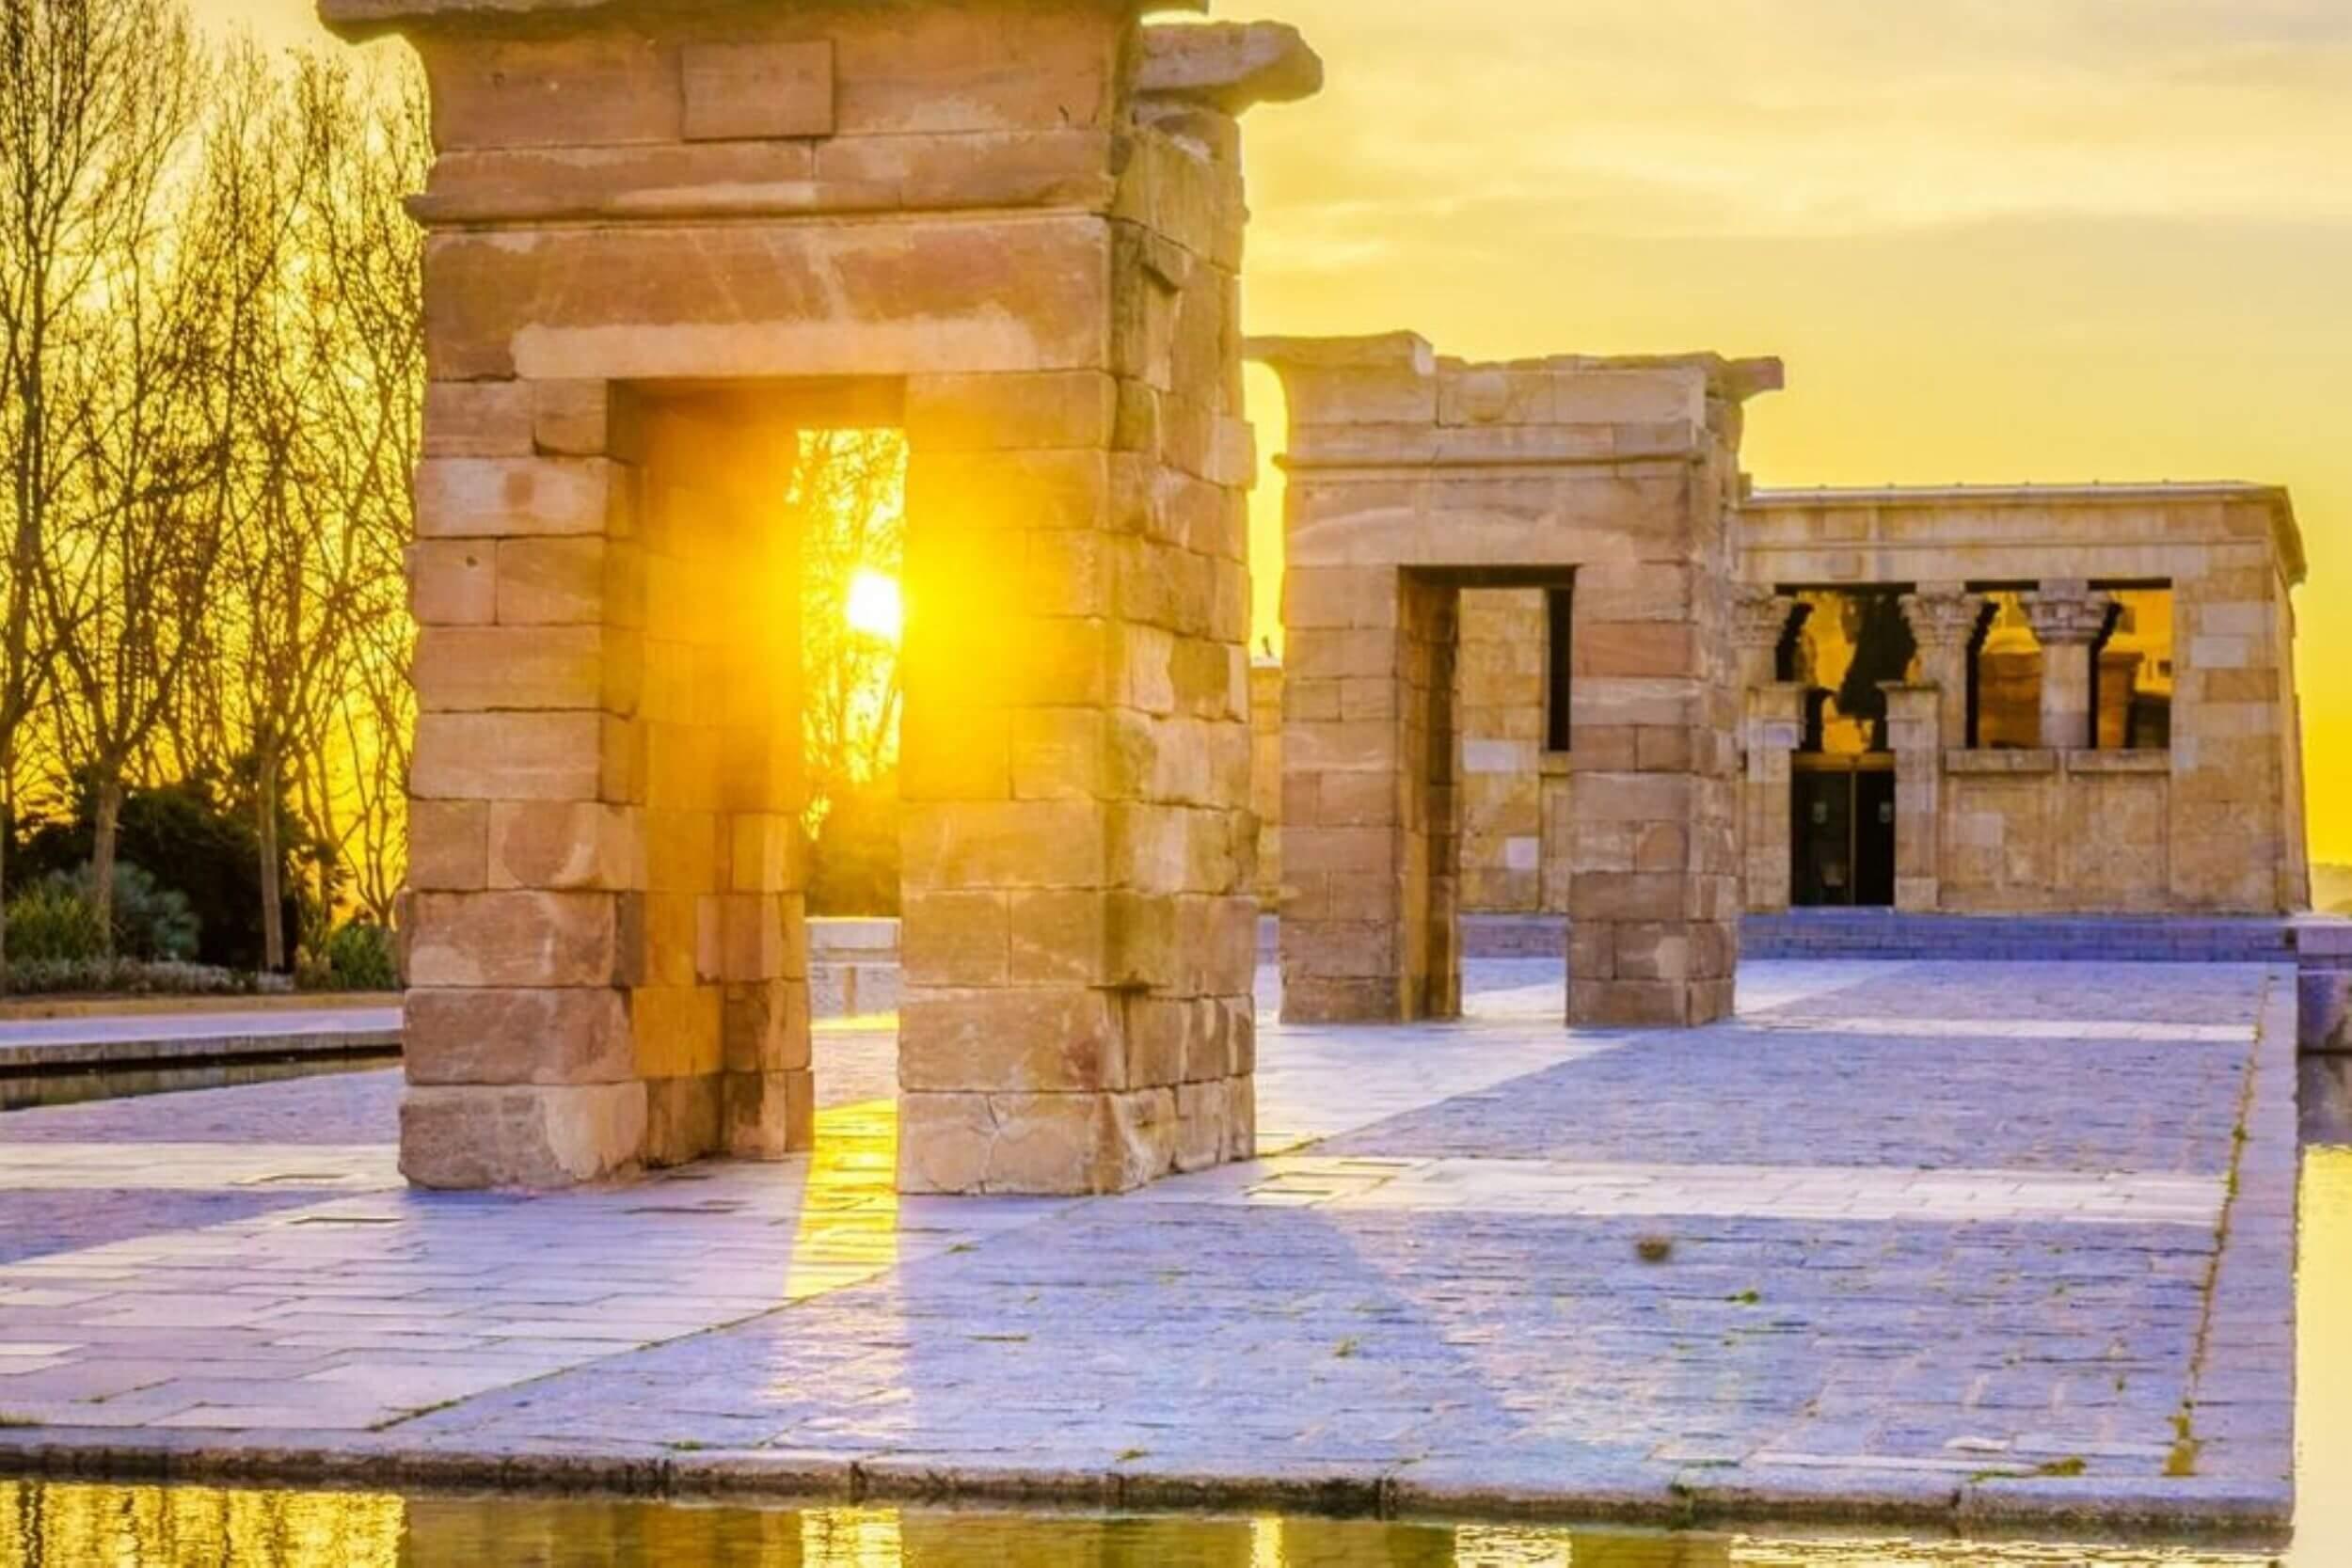 Temple of Debod, Spain